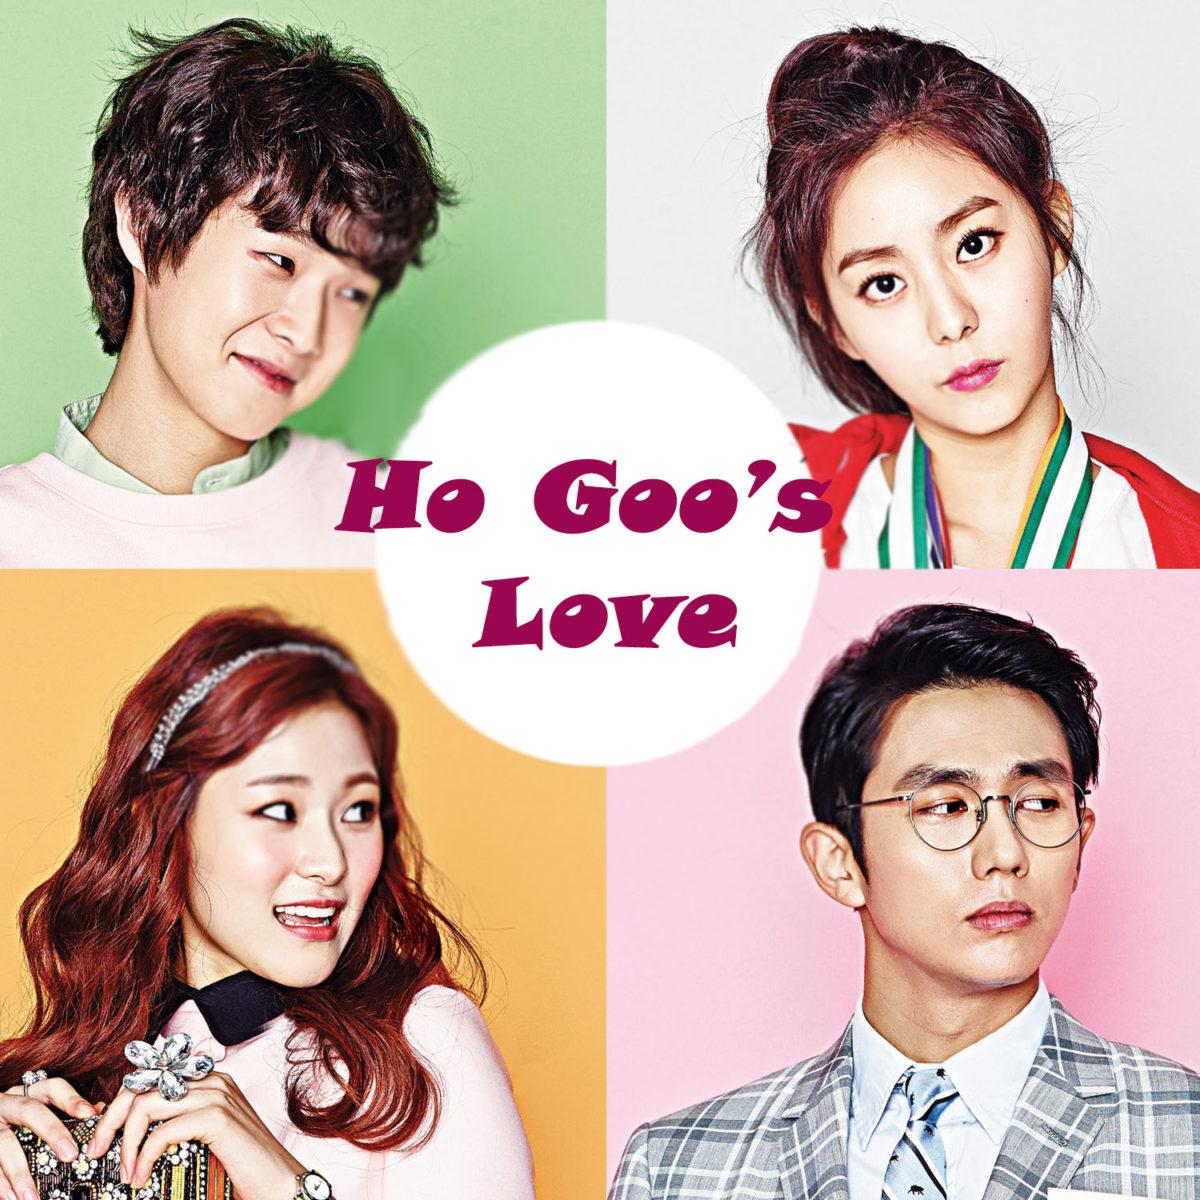 Ho Goo's Love